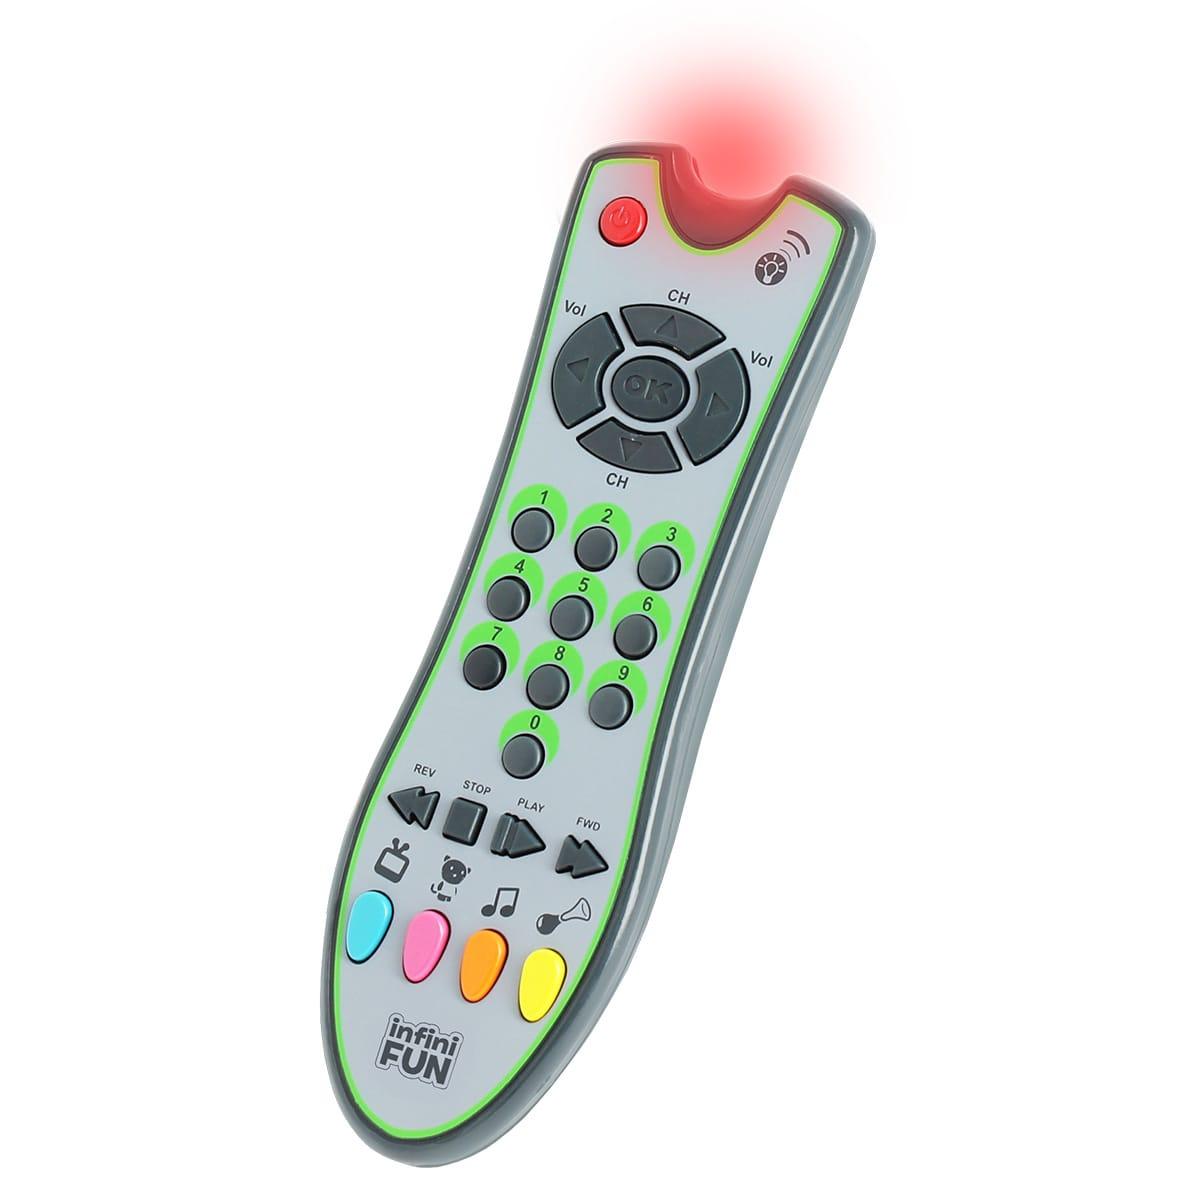 Interaktivt legetøj med lyde og sange